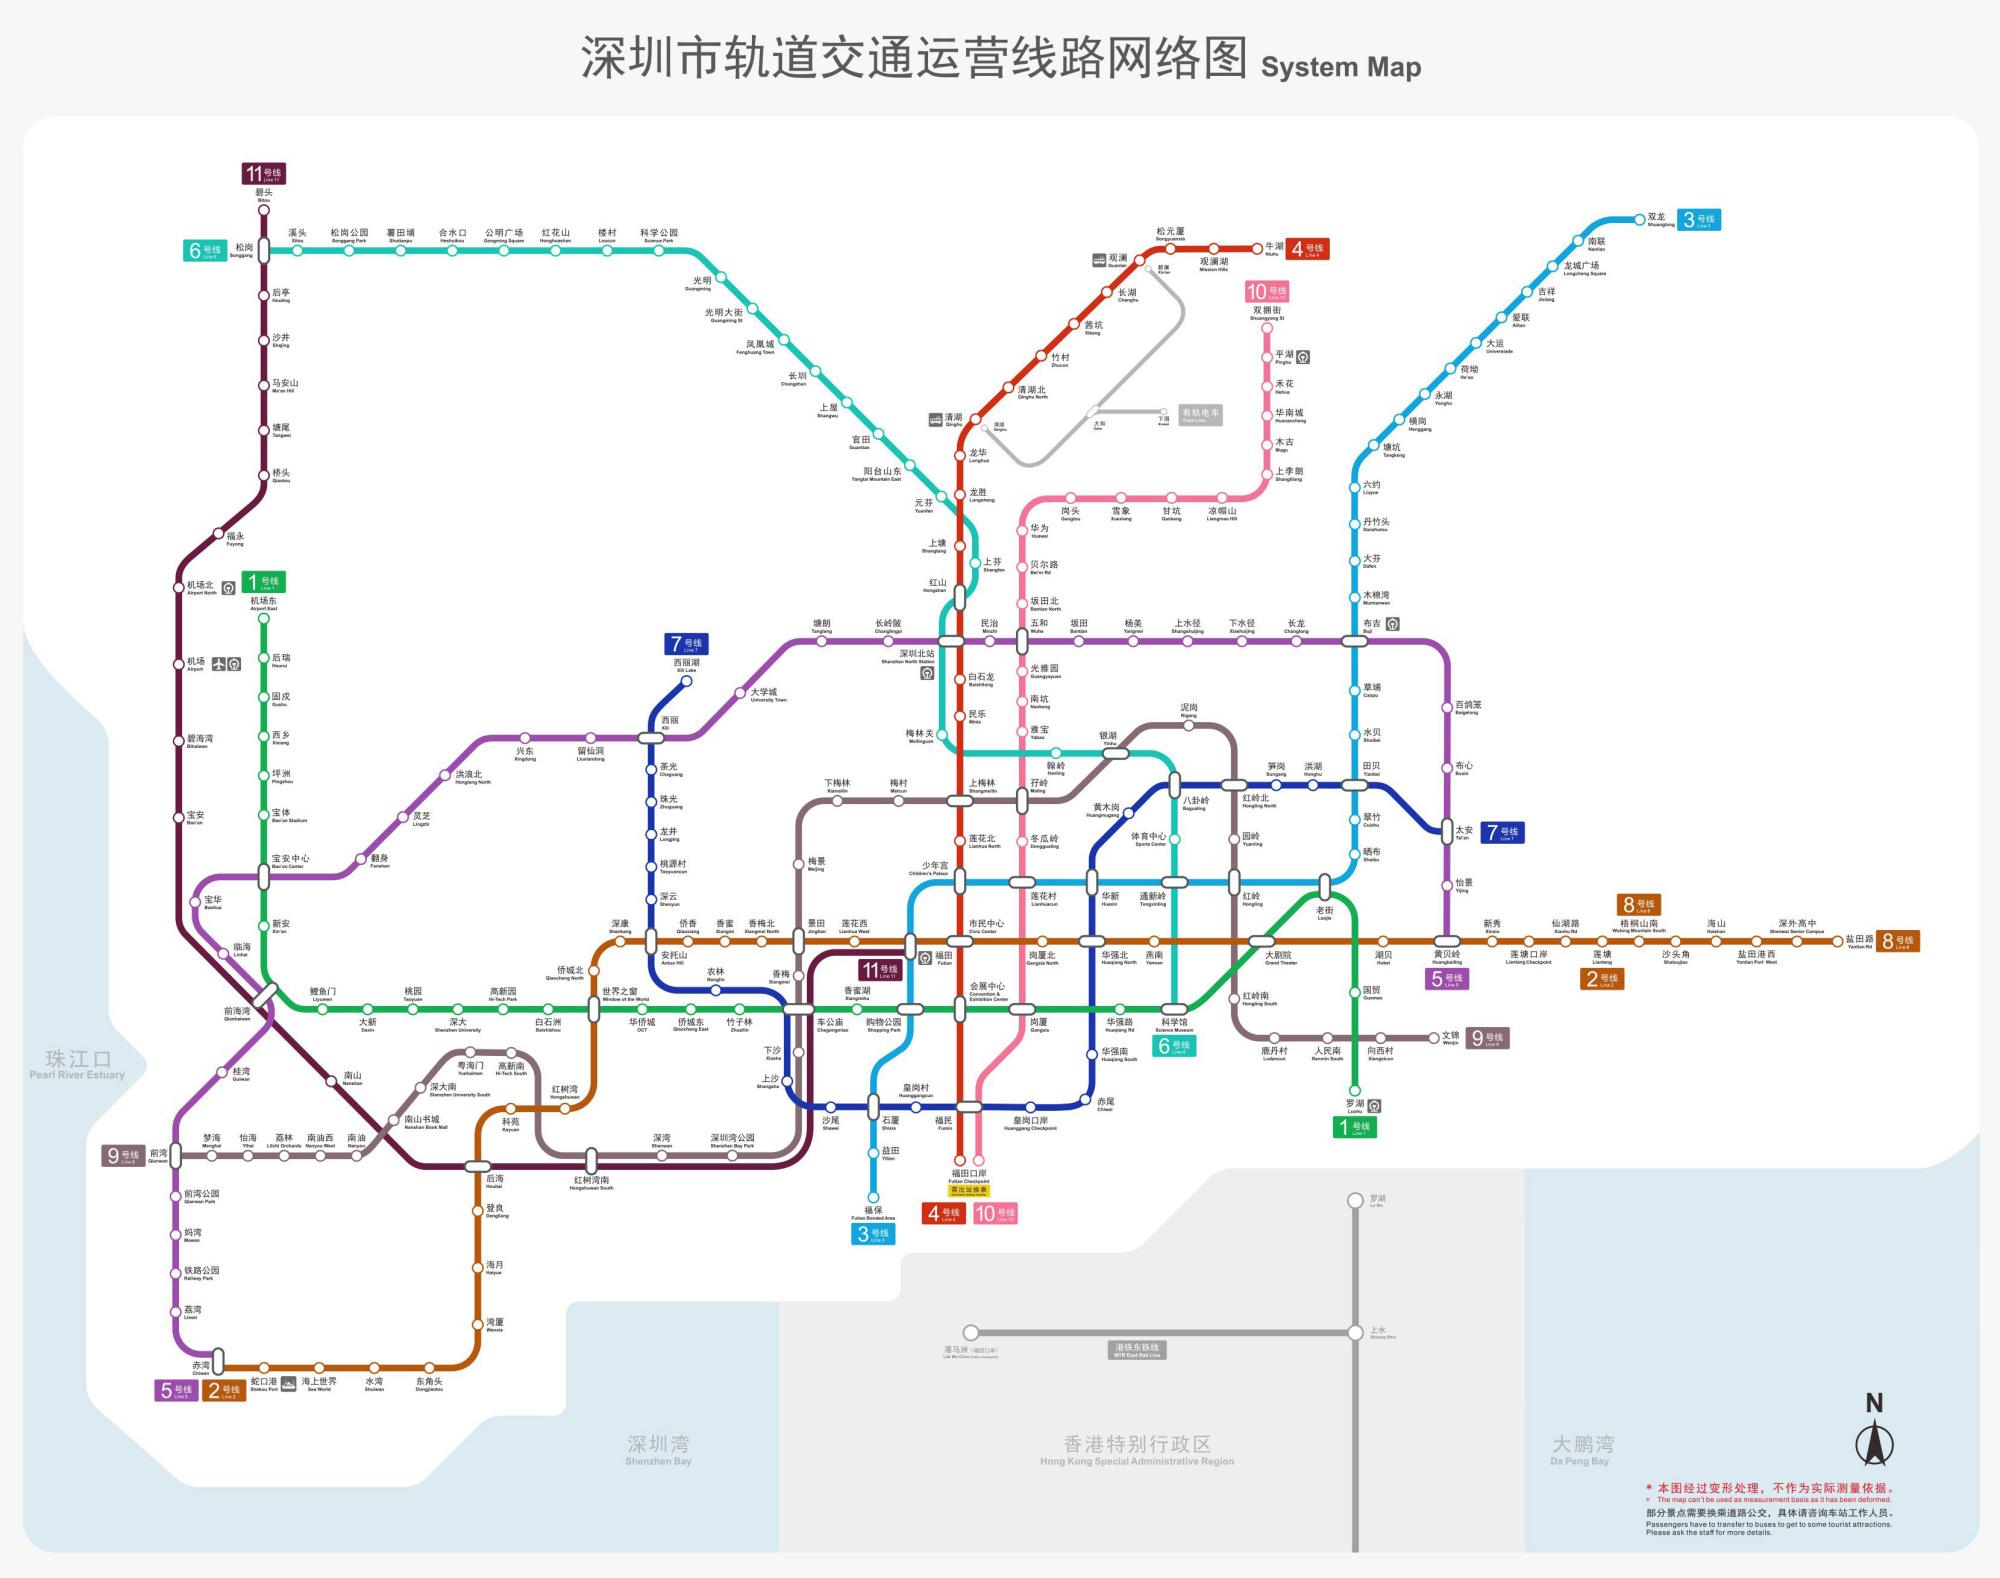 深圳市轨道交通运营线路网络图